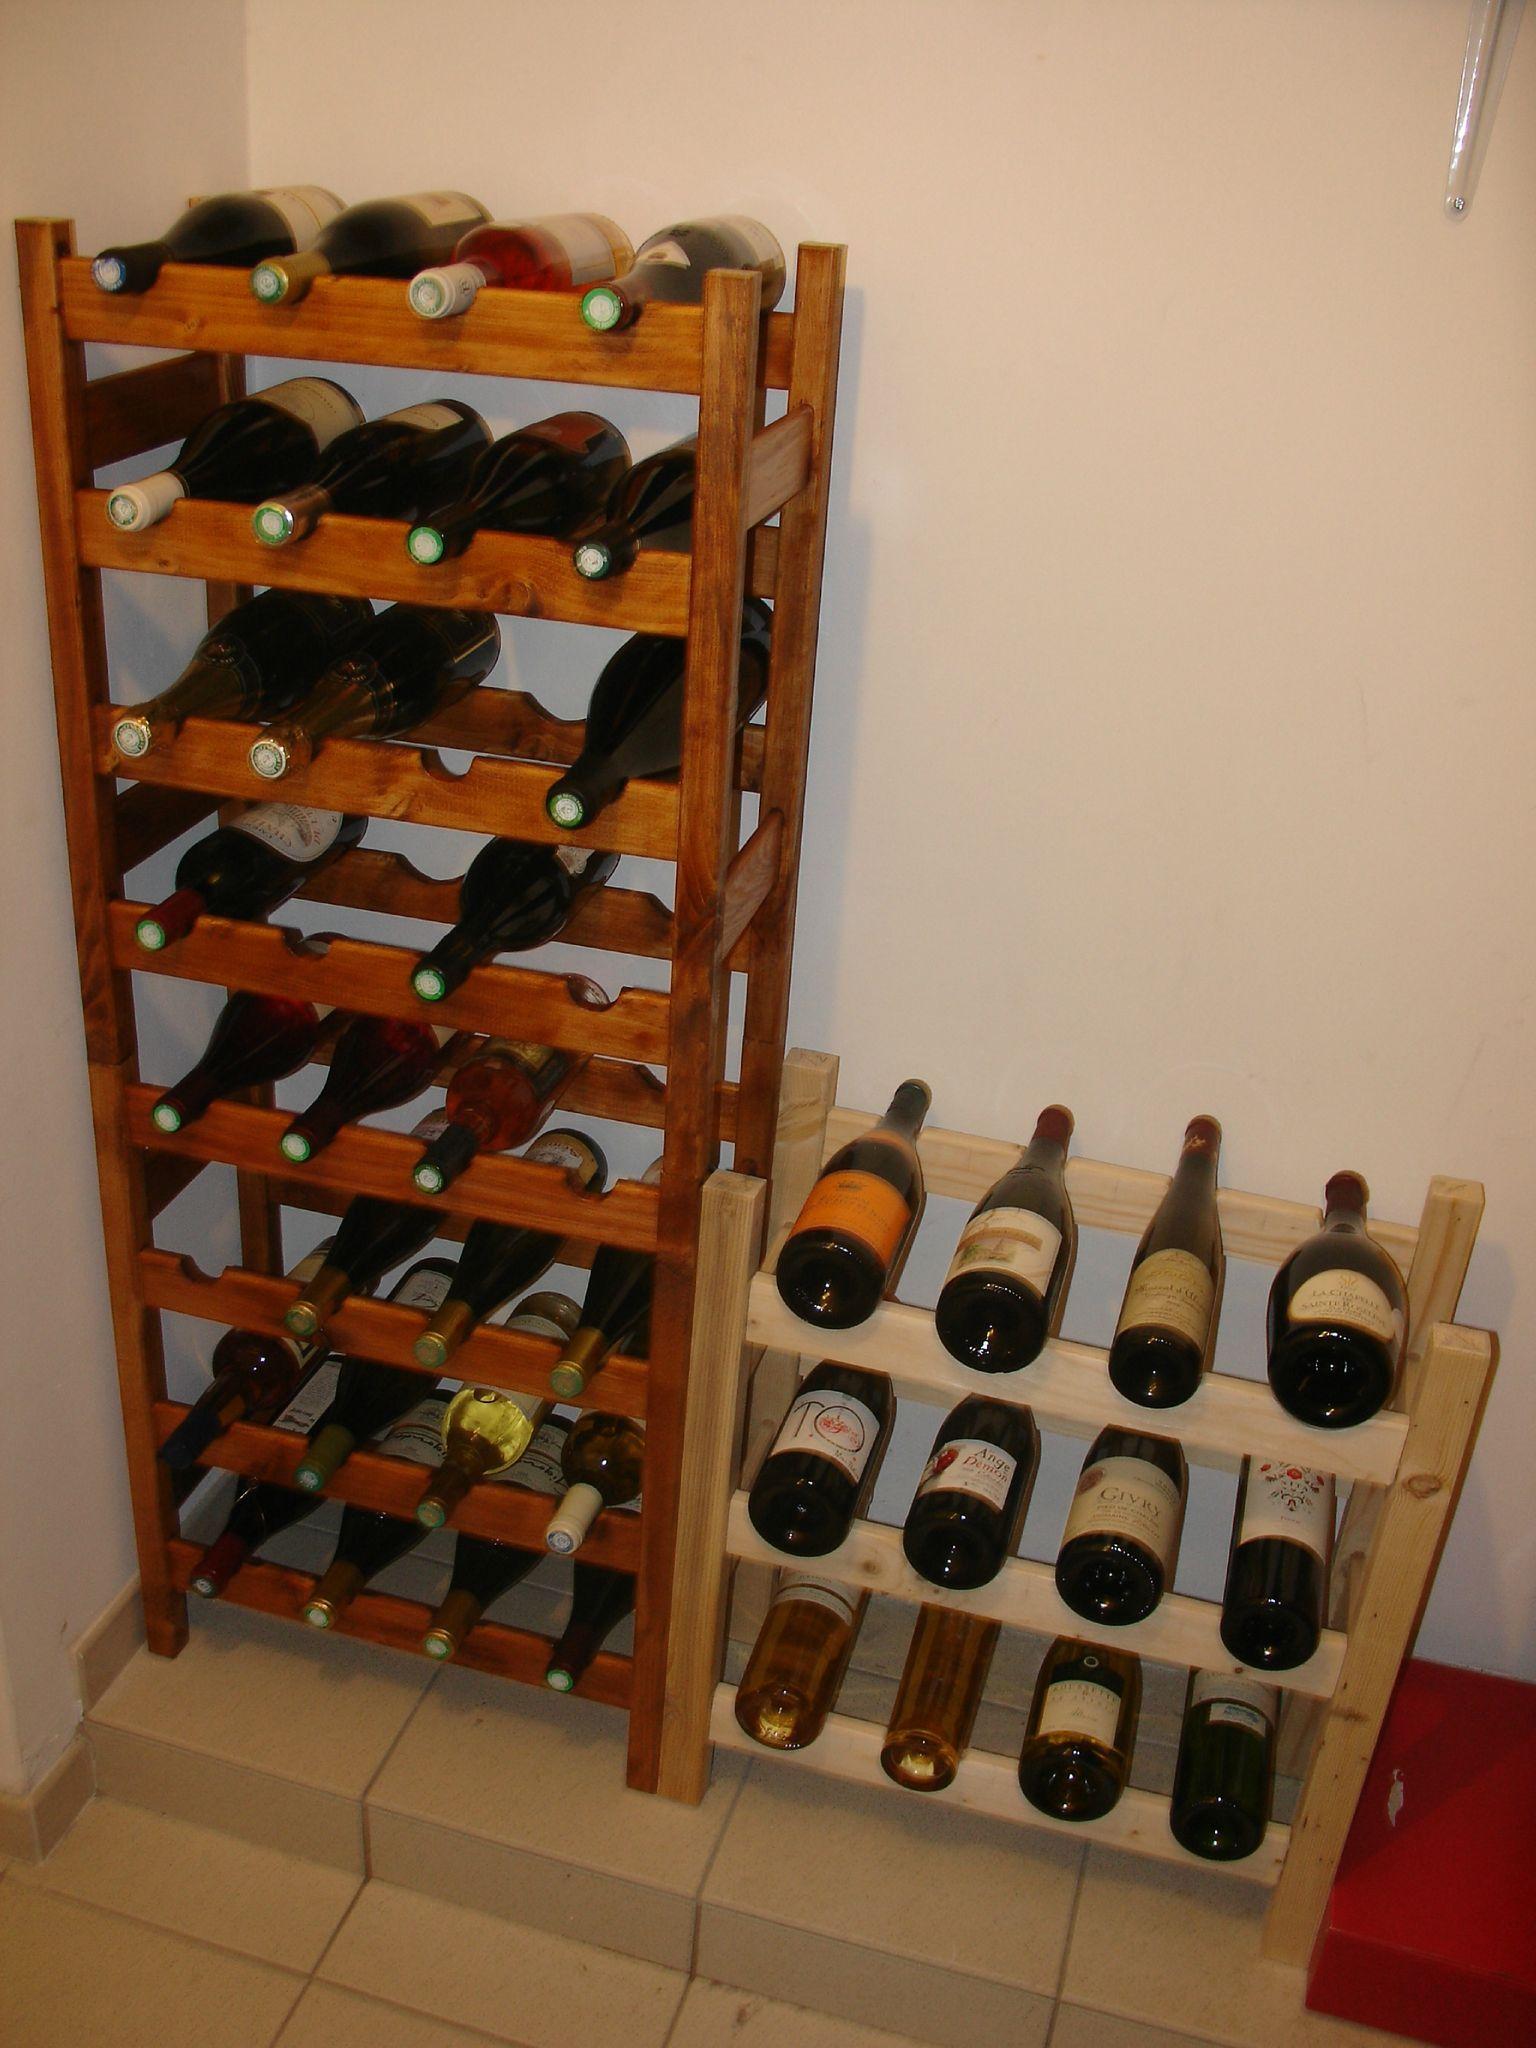 Fabriquer un range bouteille en palette - Livreetvin.fr | Range bouteille, Rangement bouteille ...